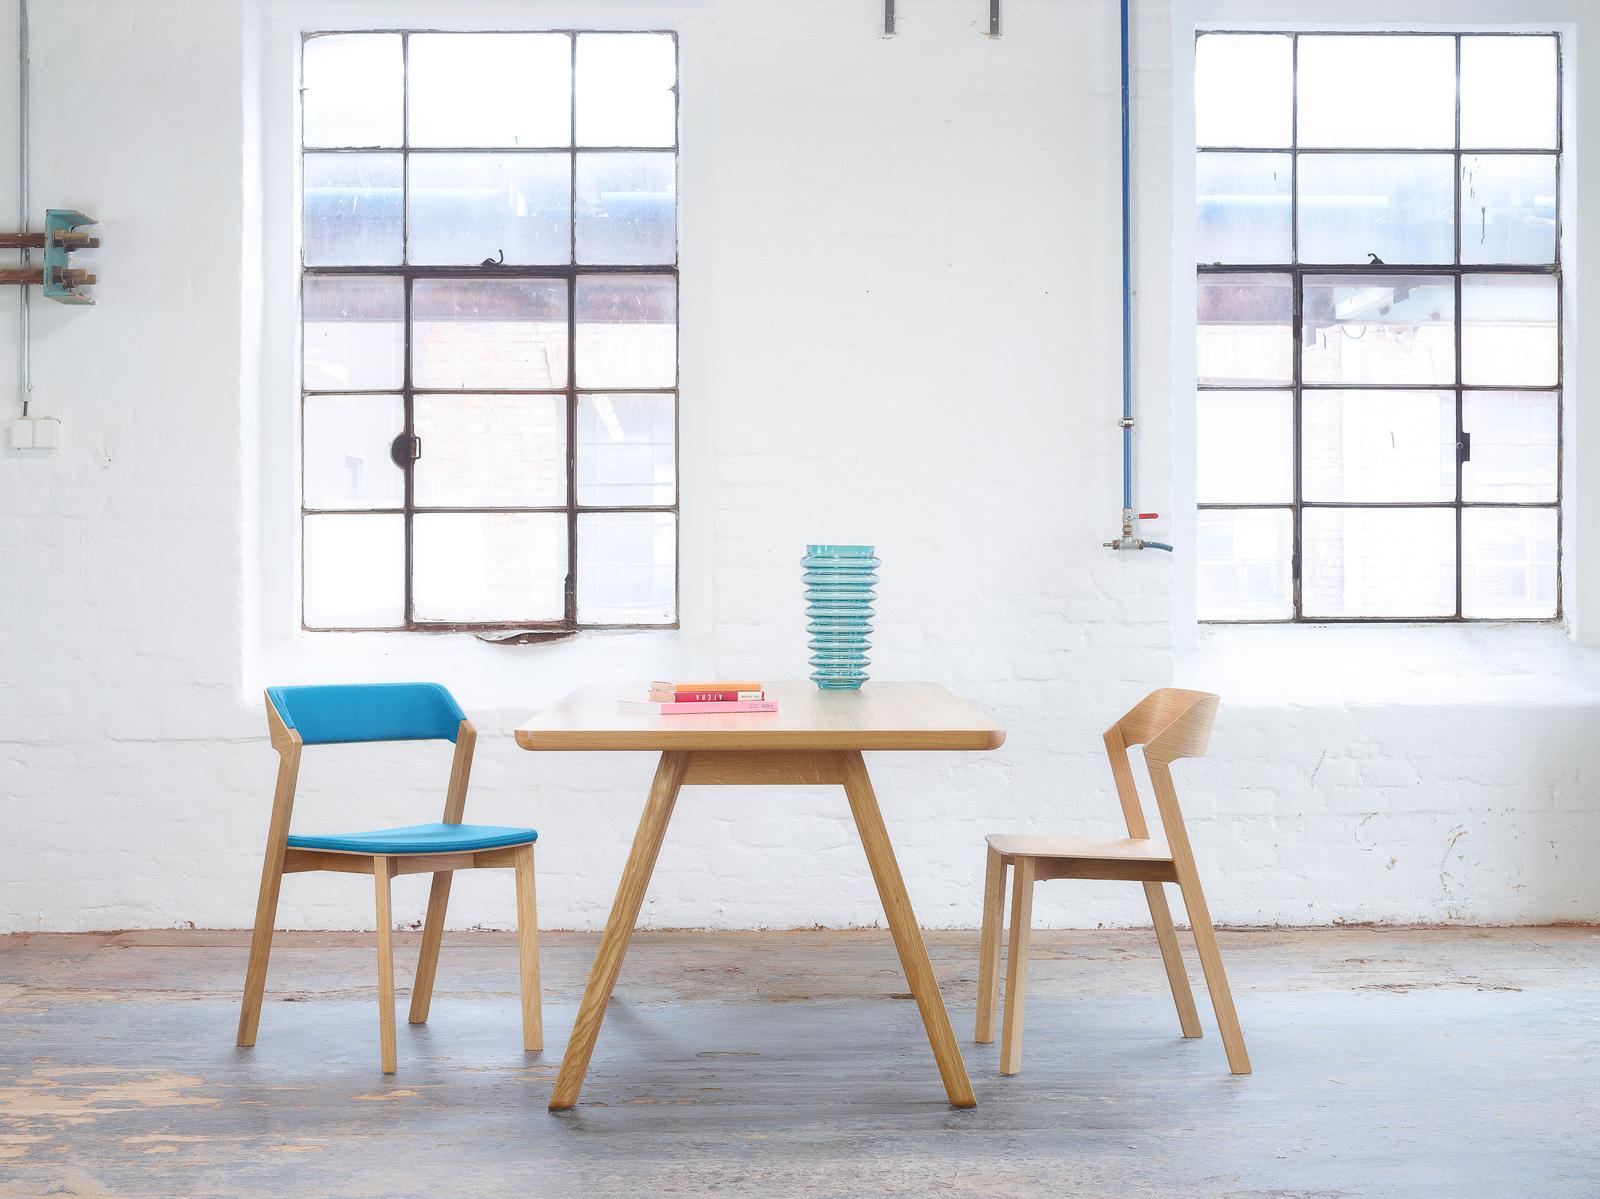 Stoličky Merano od výrobcu TON - Stolička Merano a jedálenský stôl Stelvio od výrobcu TON